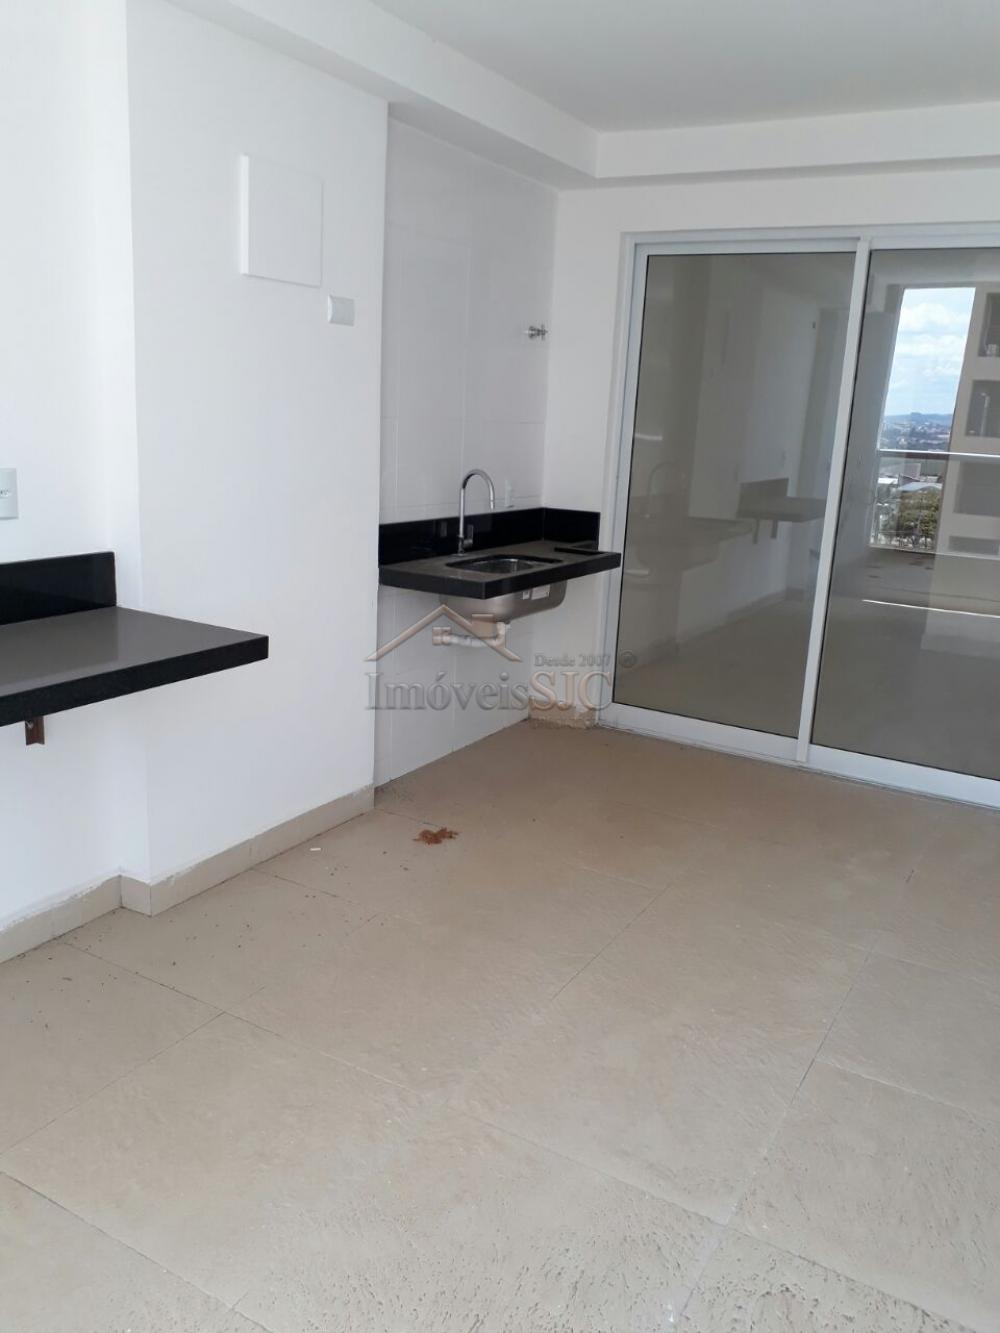 Alugar Apartamentos / Padrão em São José dos Campos apenas R$ 3.500,00 - Foto 6